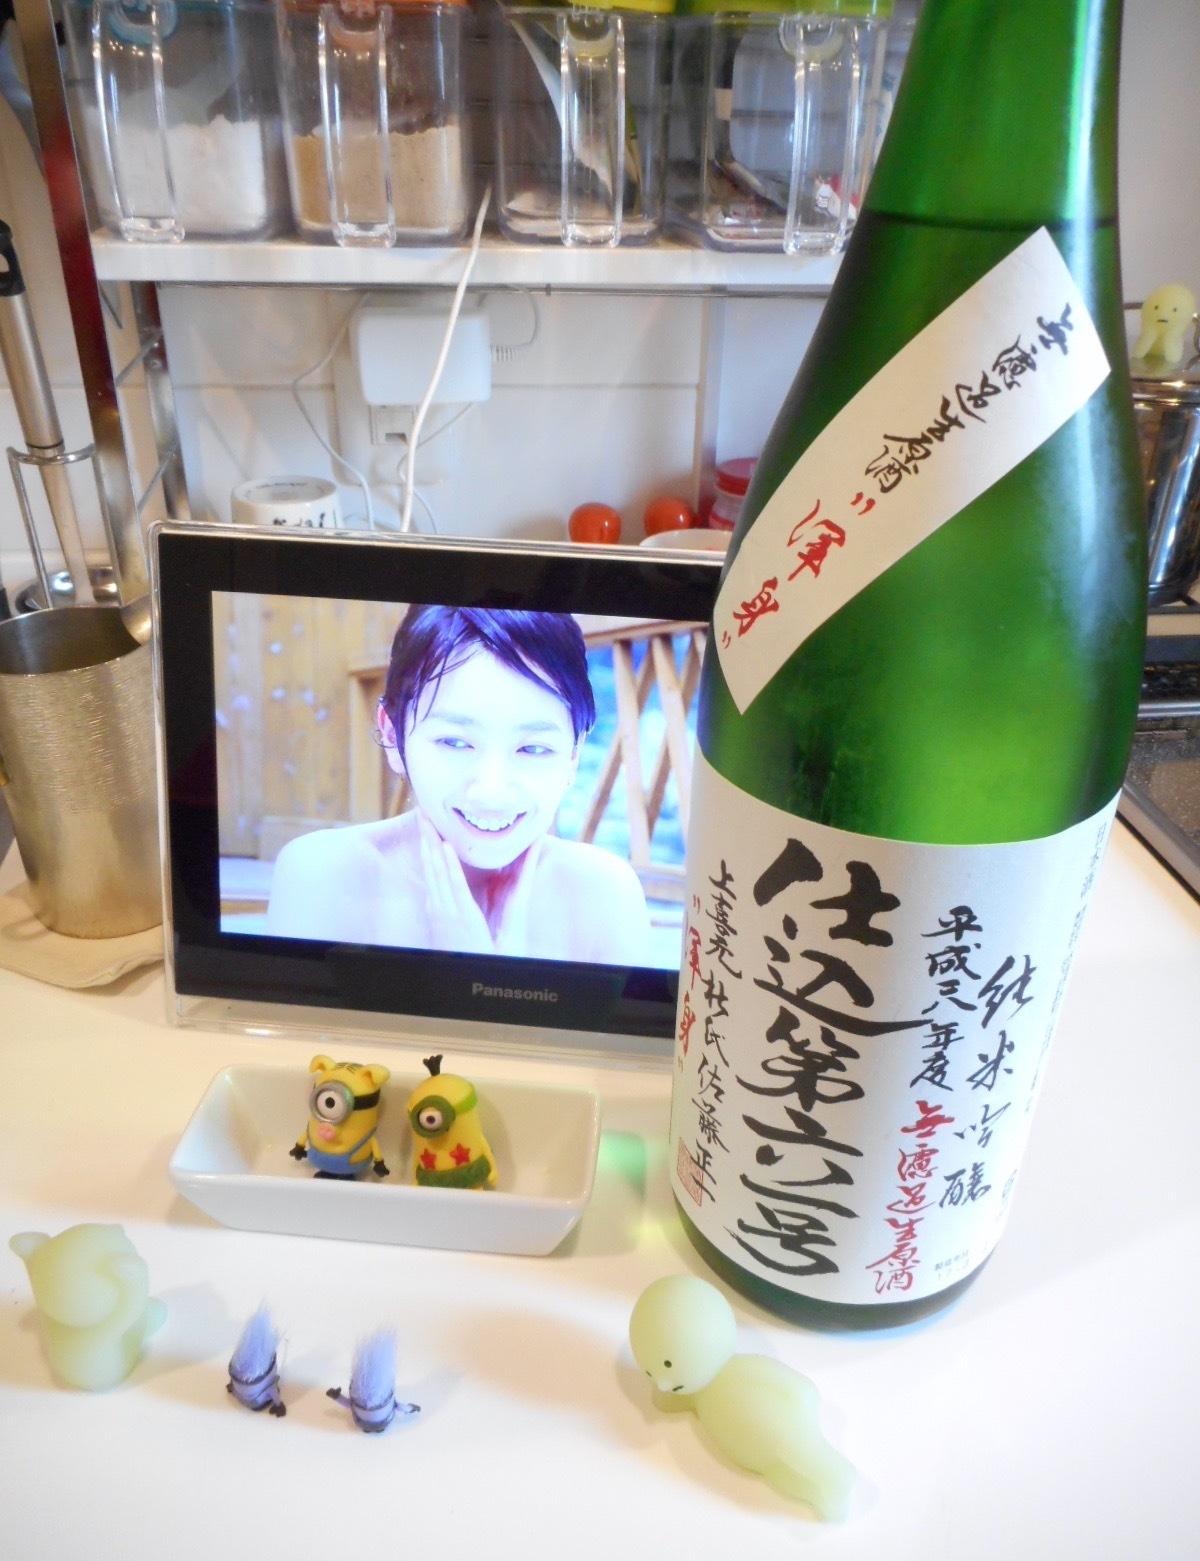 joukigen_konshin28by3.jpg